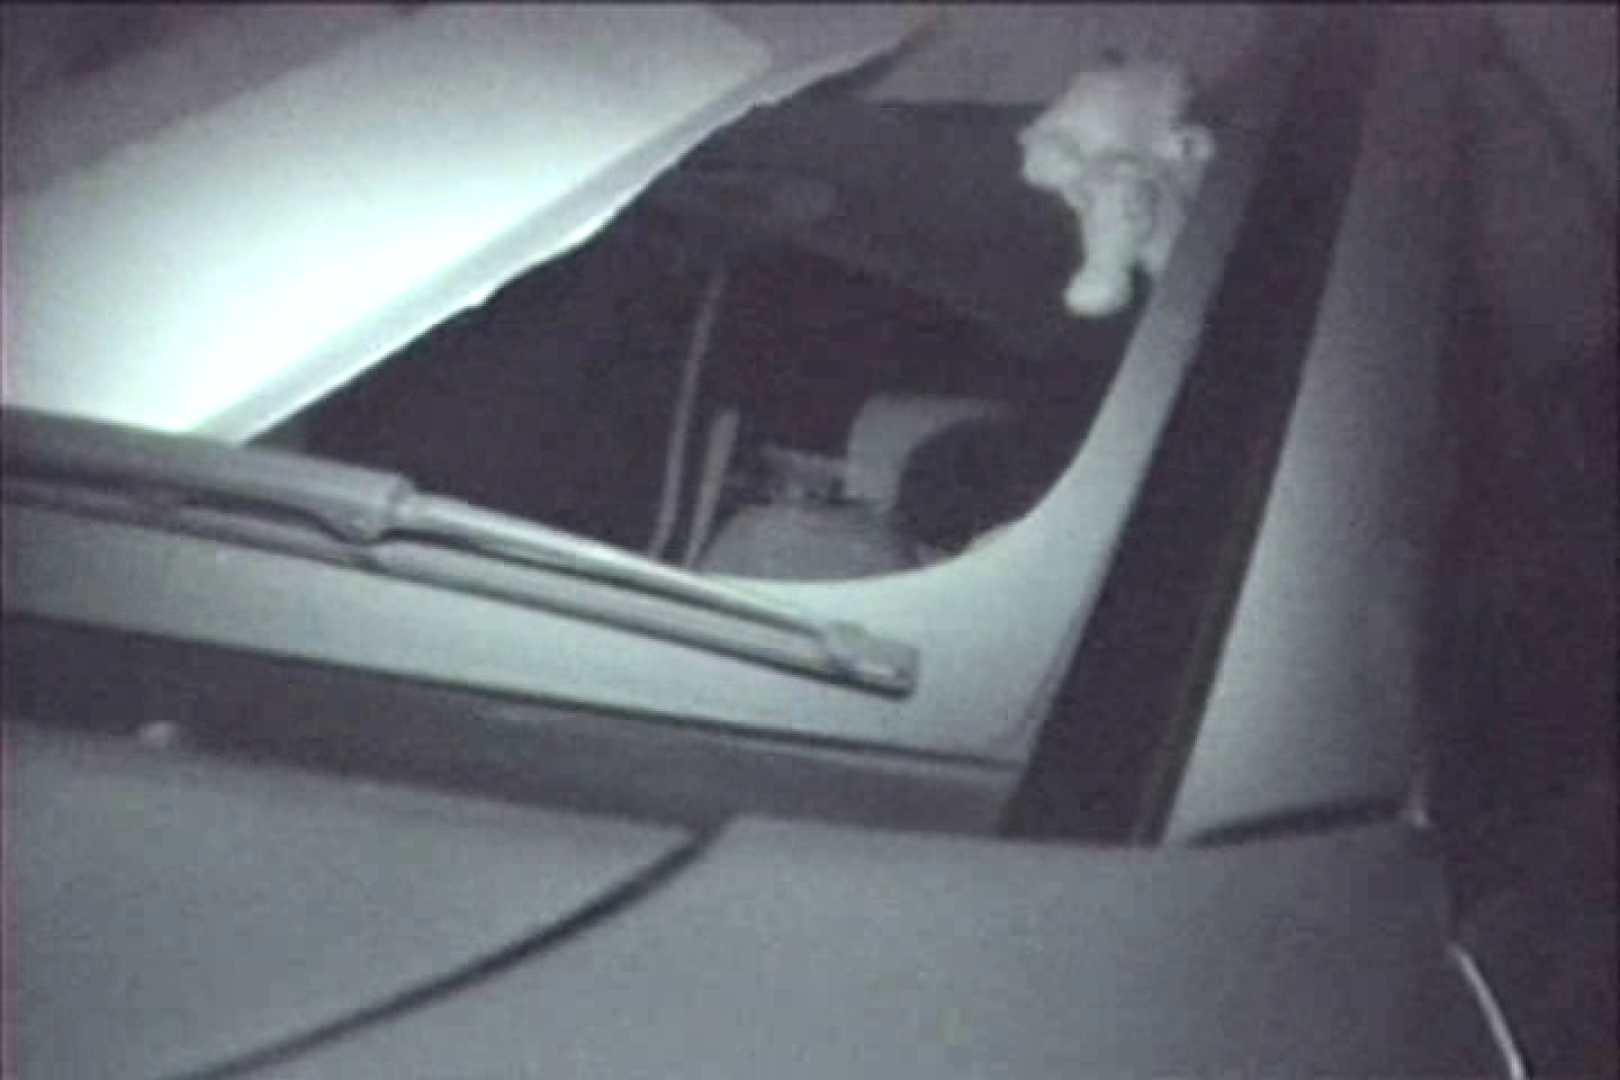 車の中はラブホテル 無修正版  Vol.18 セックス オマンコ動画キャプチャ 100pic 79